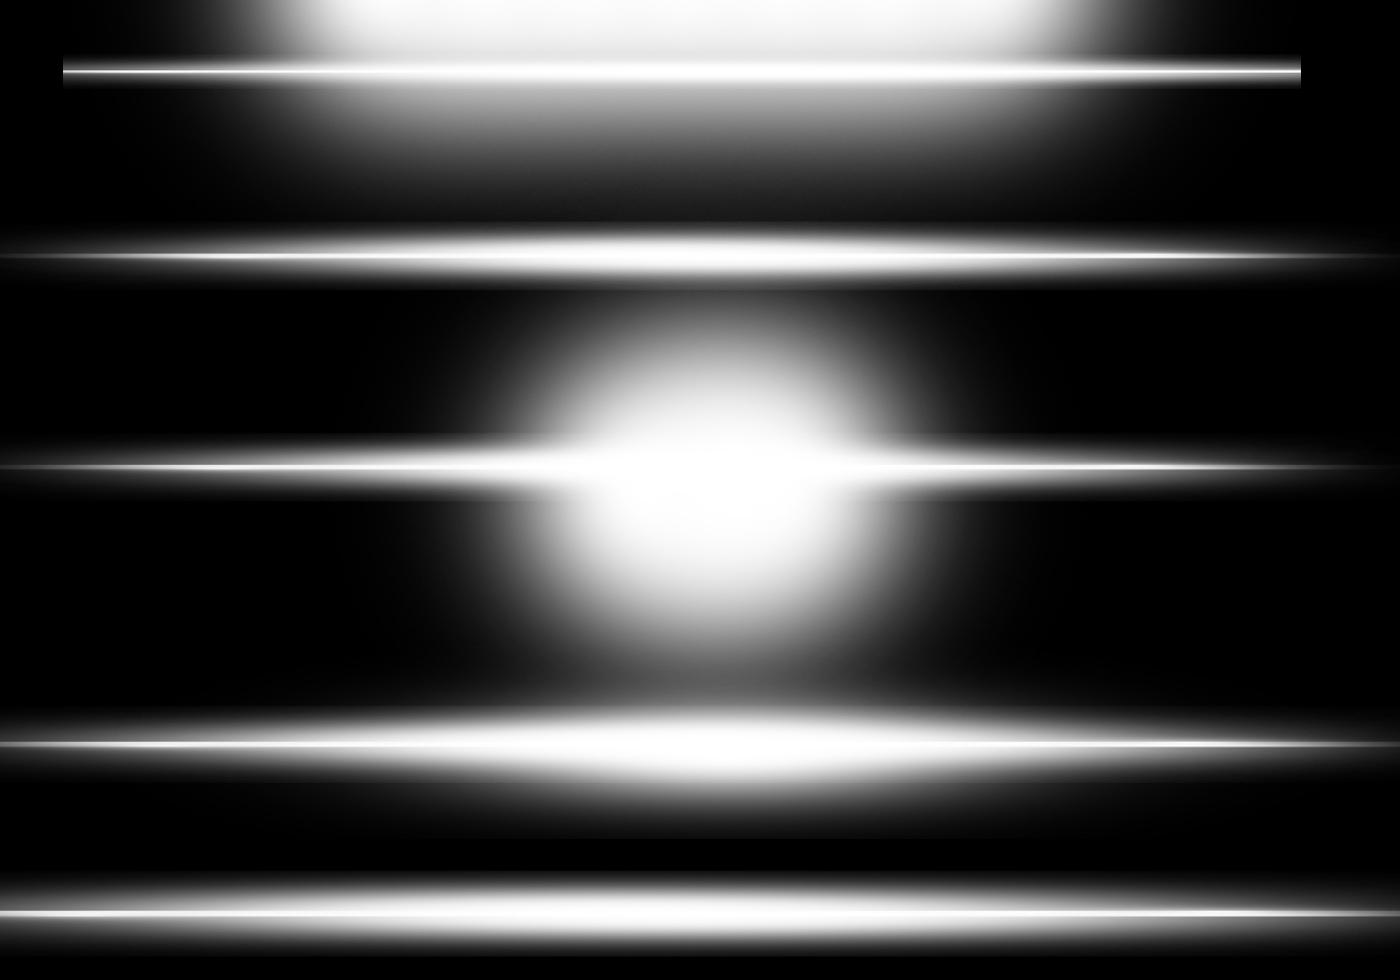 30 lense flare brushes free photoshop brushes at brusheezy